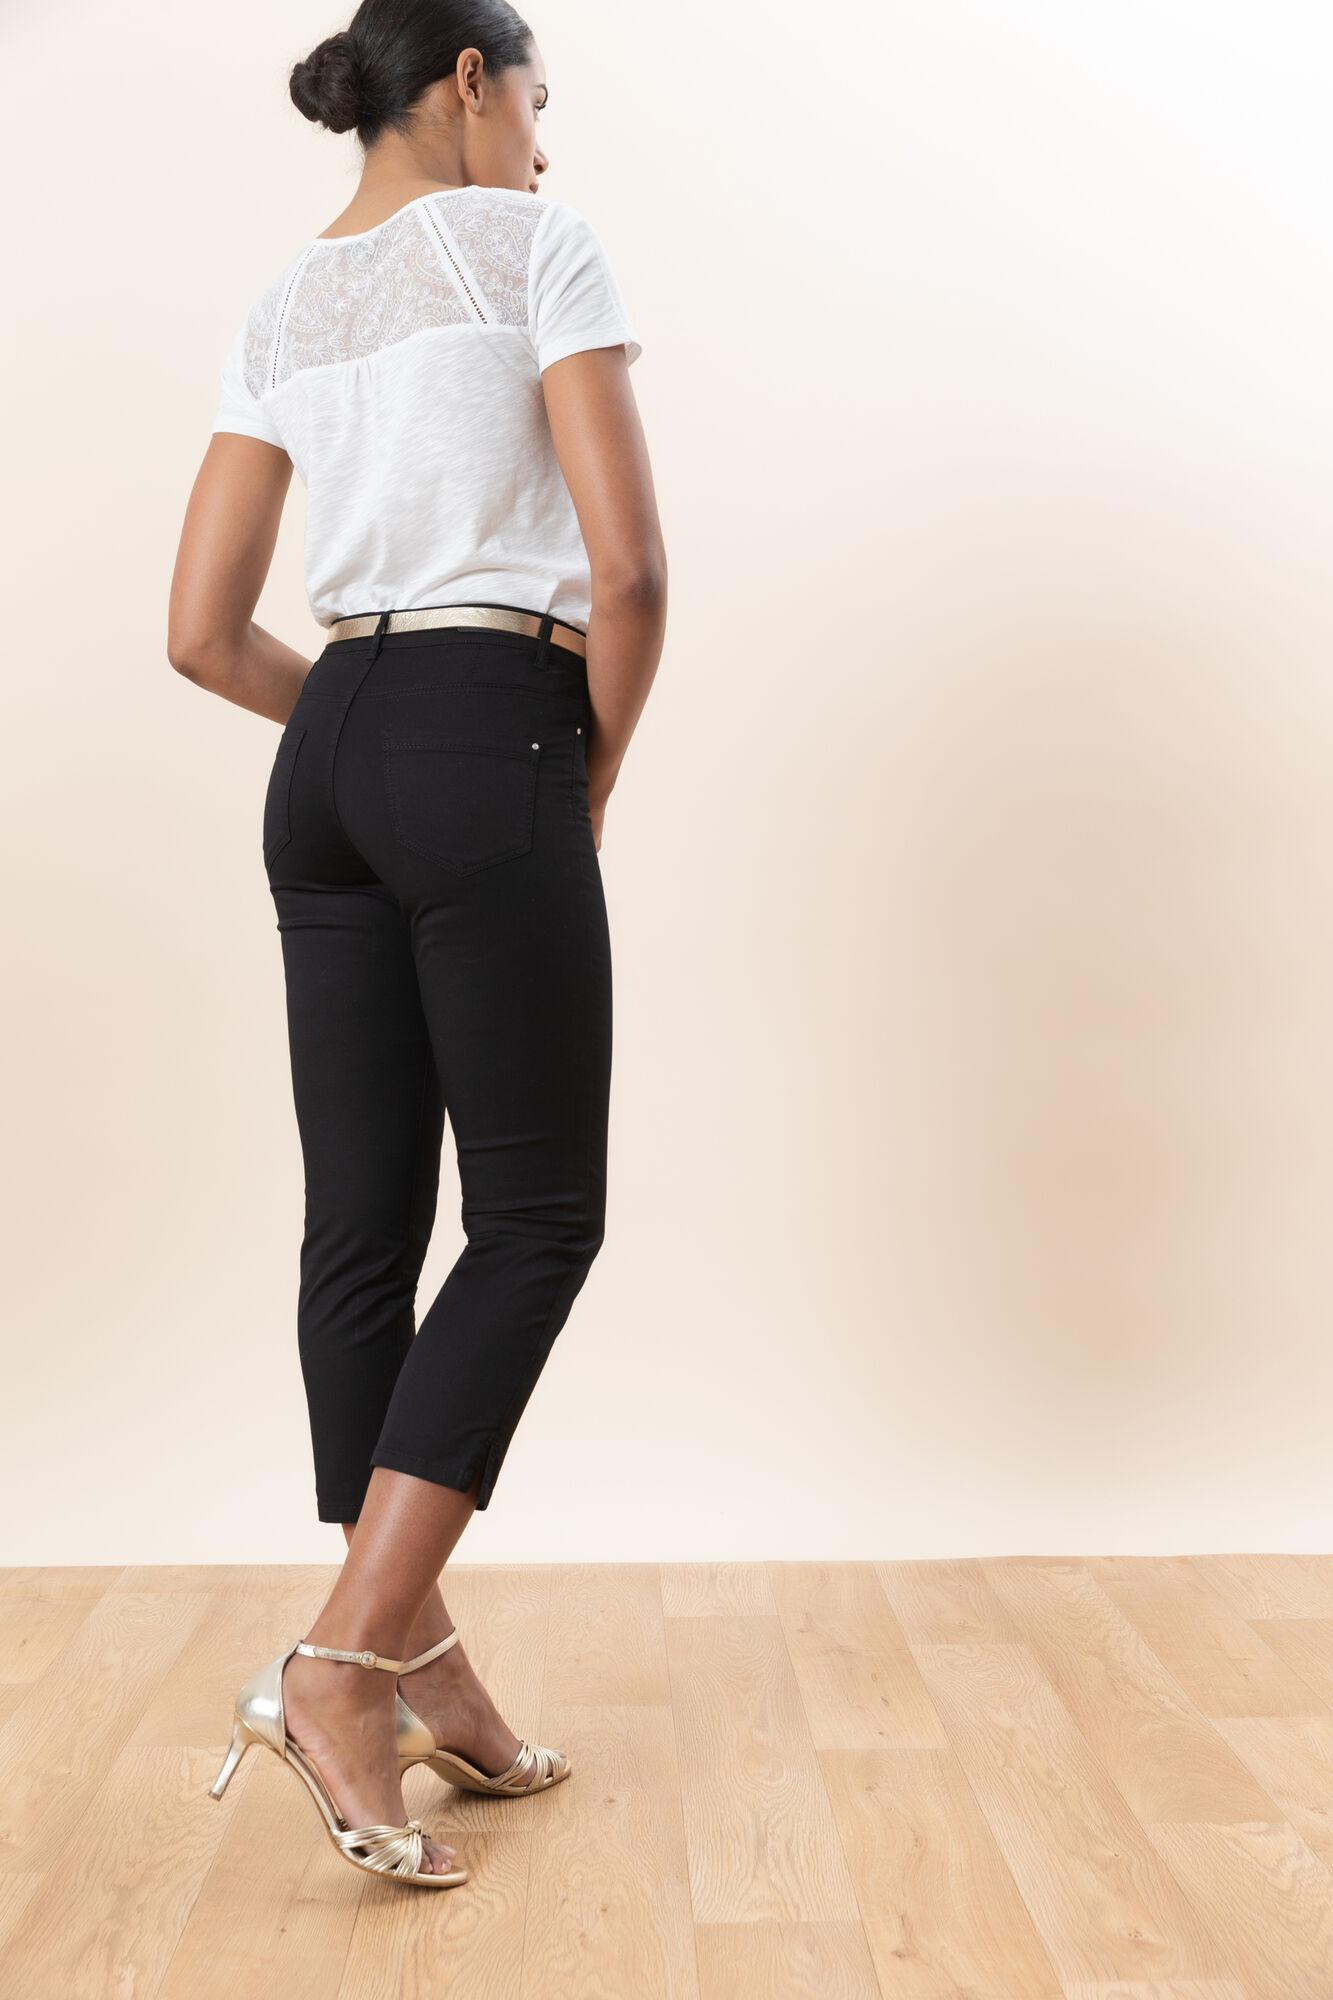 94a59954aed Pantalon Mason   Pantalon femme Noir en à 65.00 €